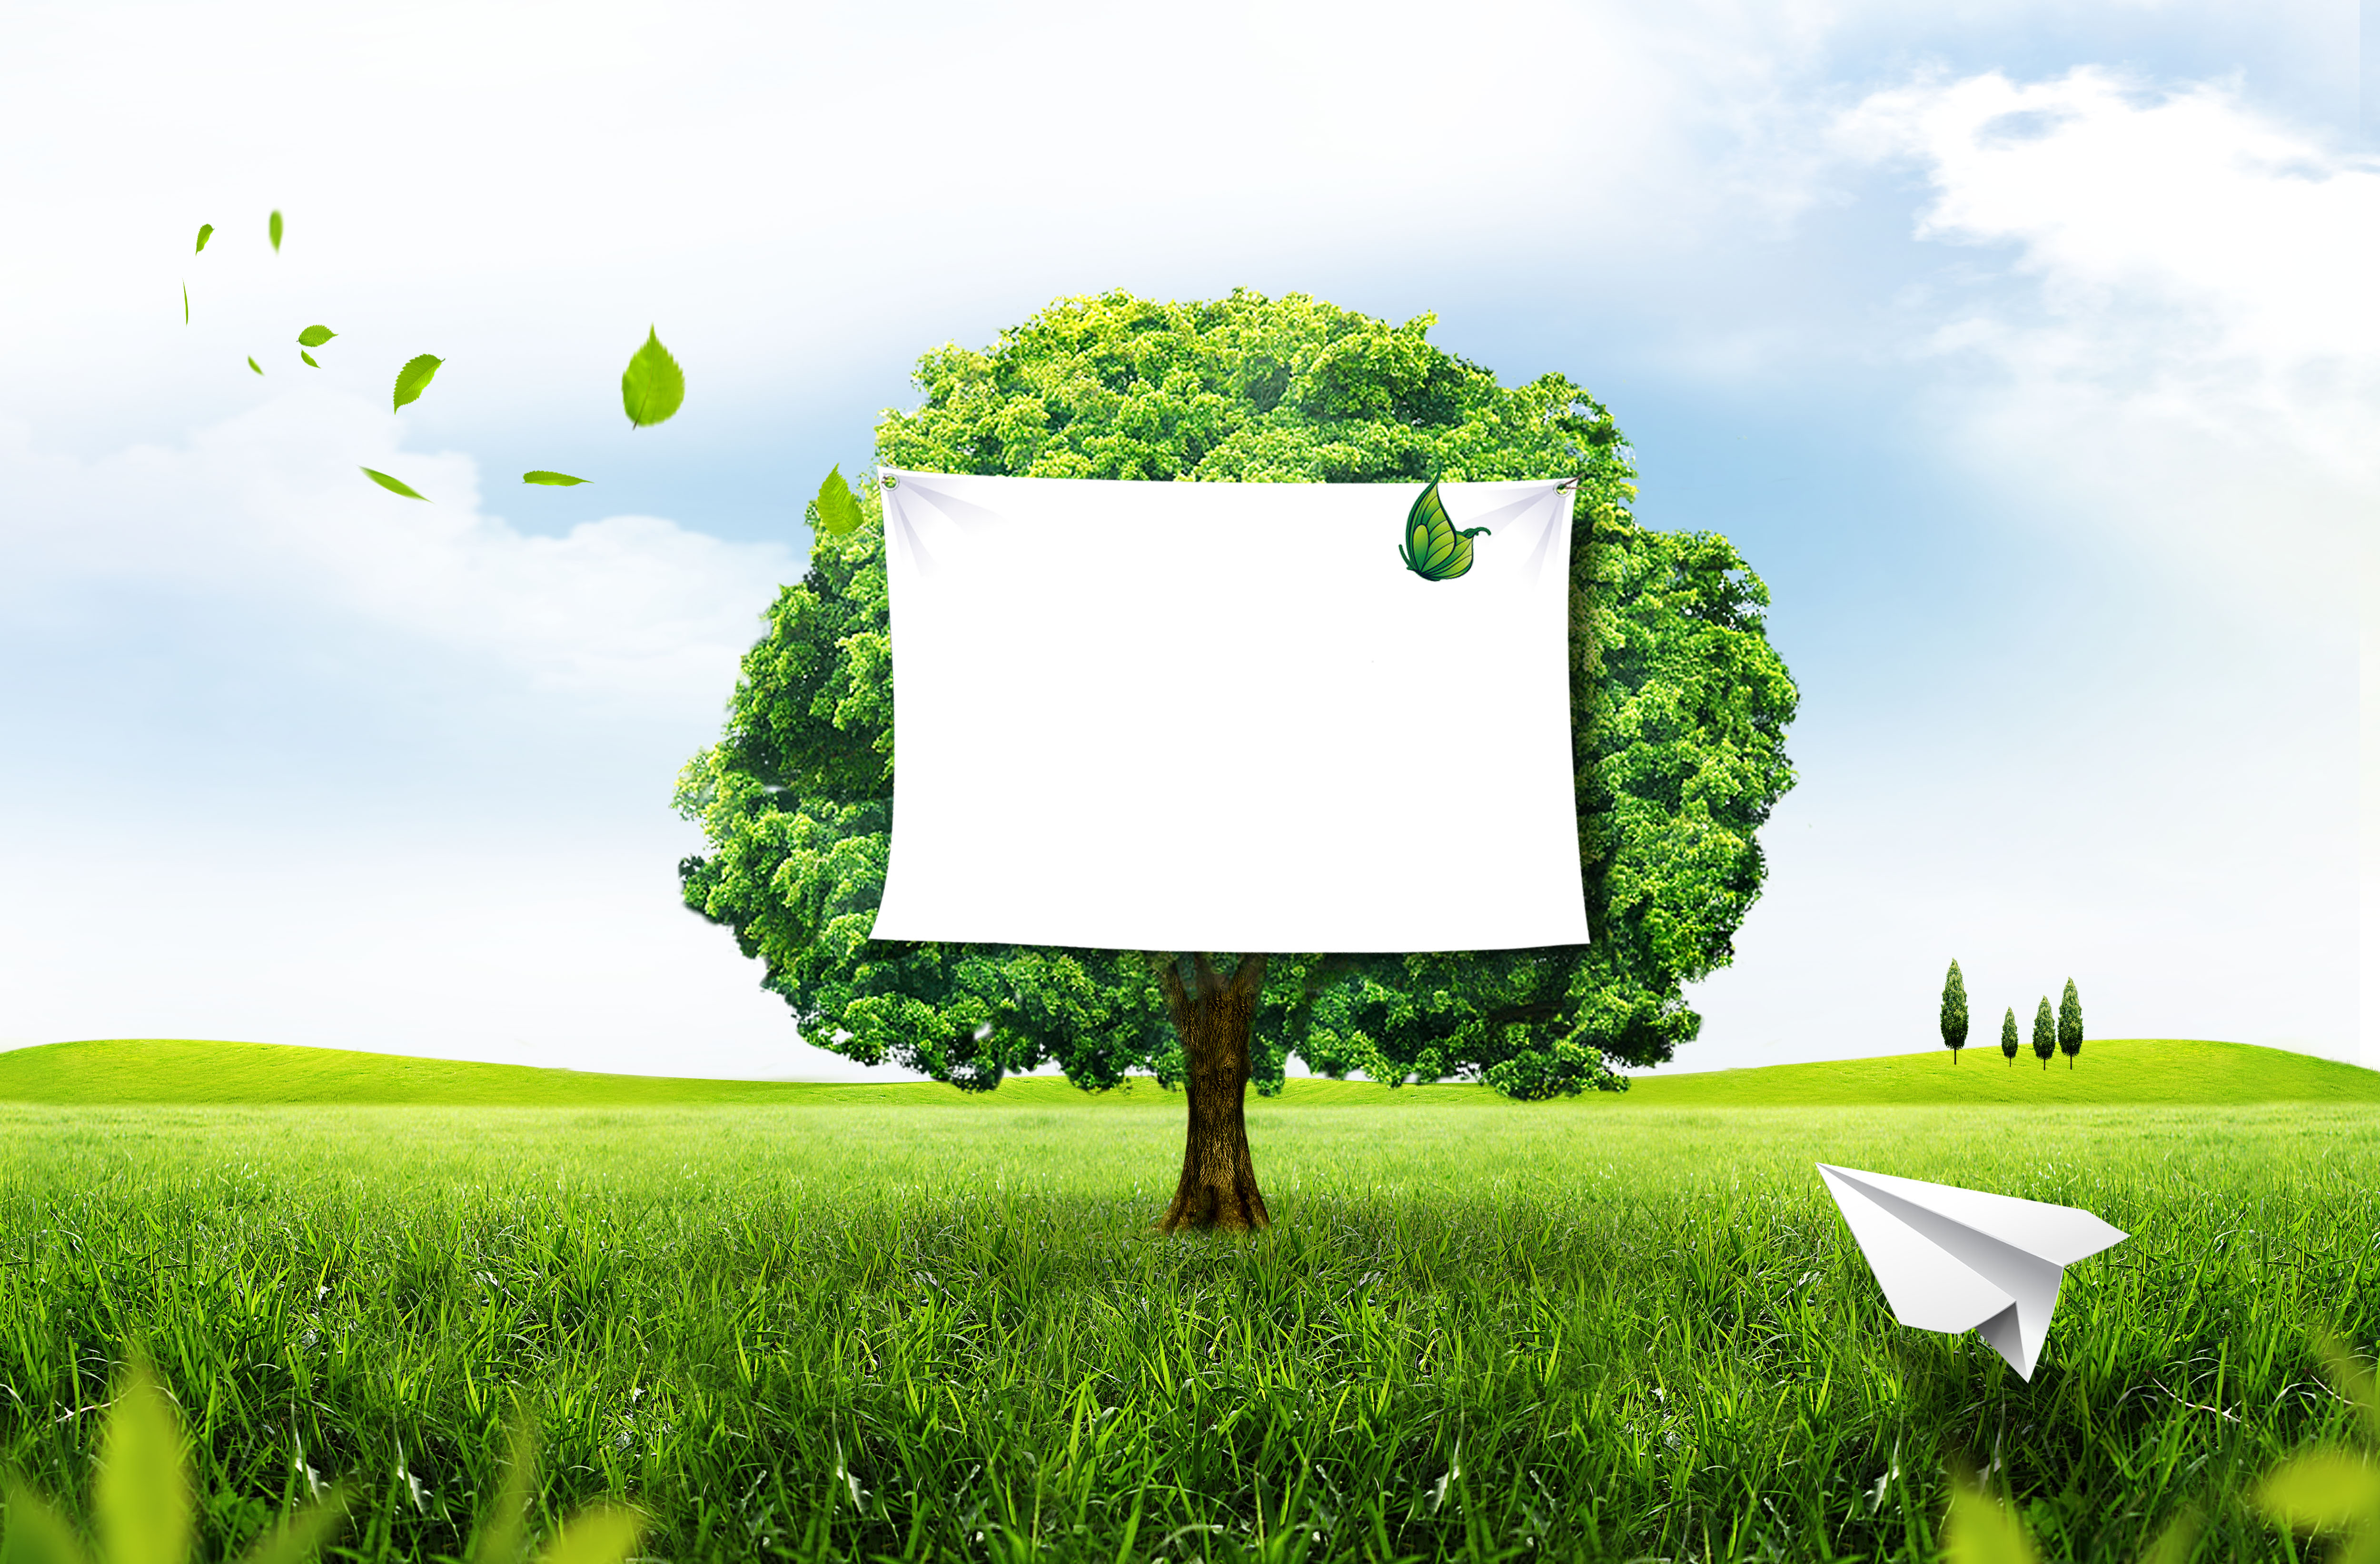 prendre soin de l environnement de fond des affiches de l